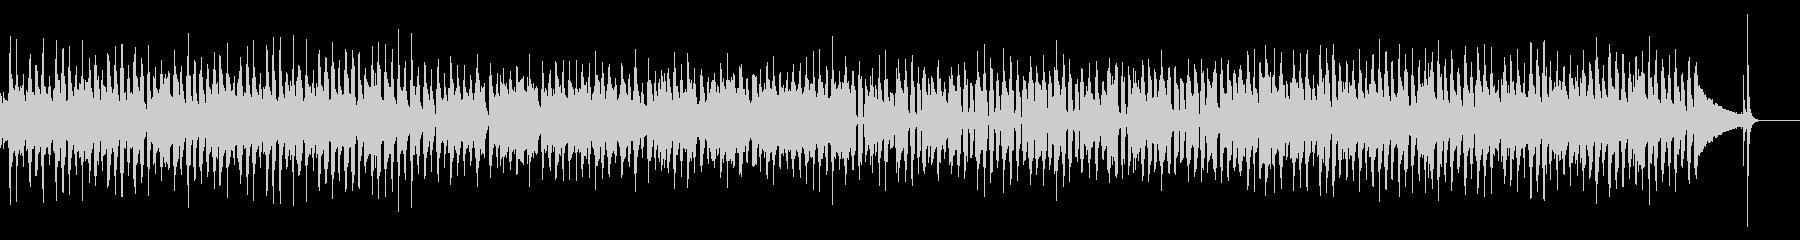 【生音】クリーンギターのロックインストの未再生の波形